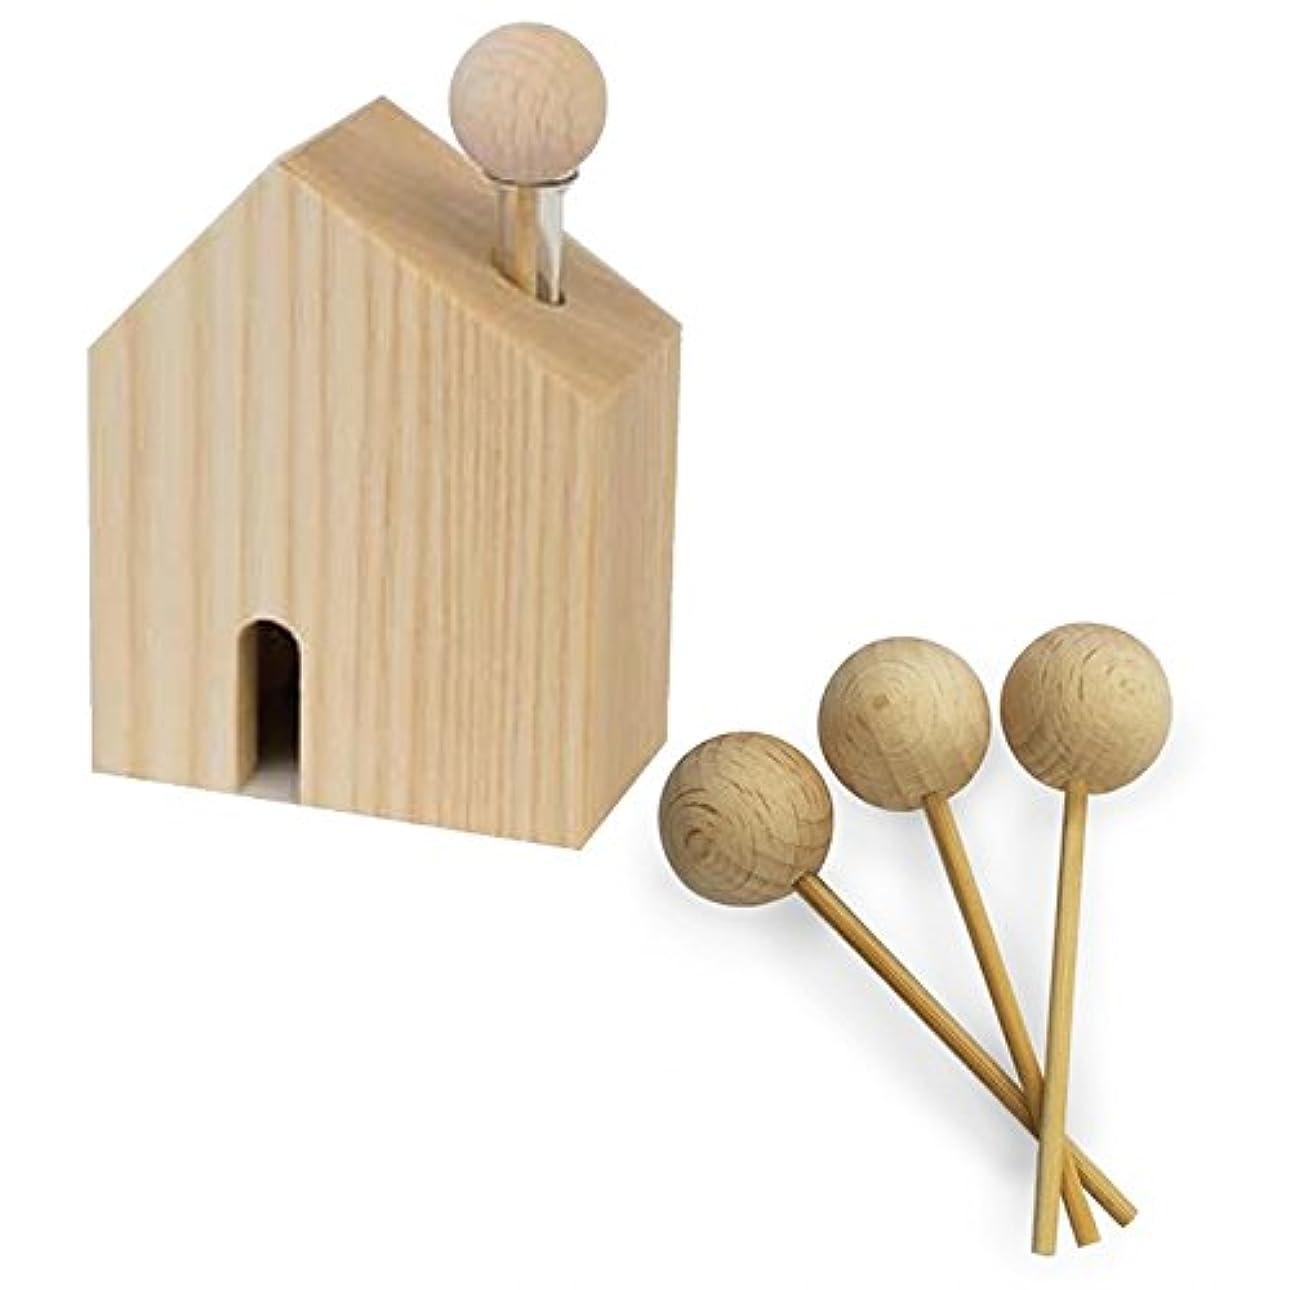 新鮮なプランテーションマニアHARIO ハリオ アロマ芳香器 木のお家 交換用木製スティック3本付